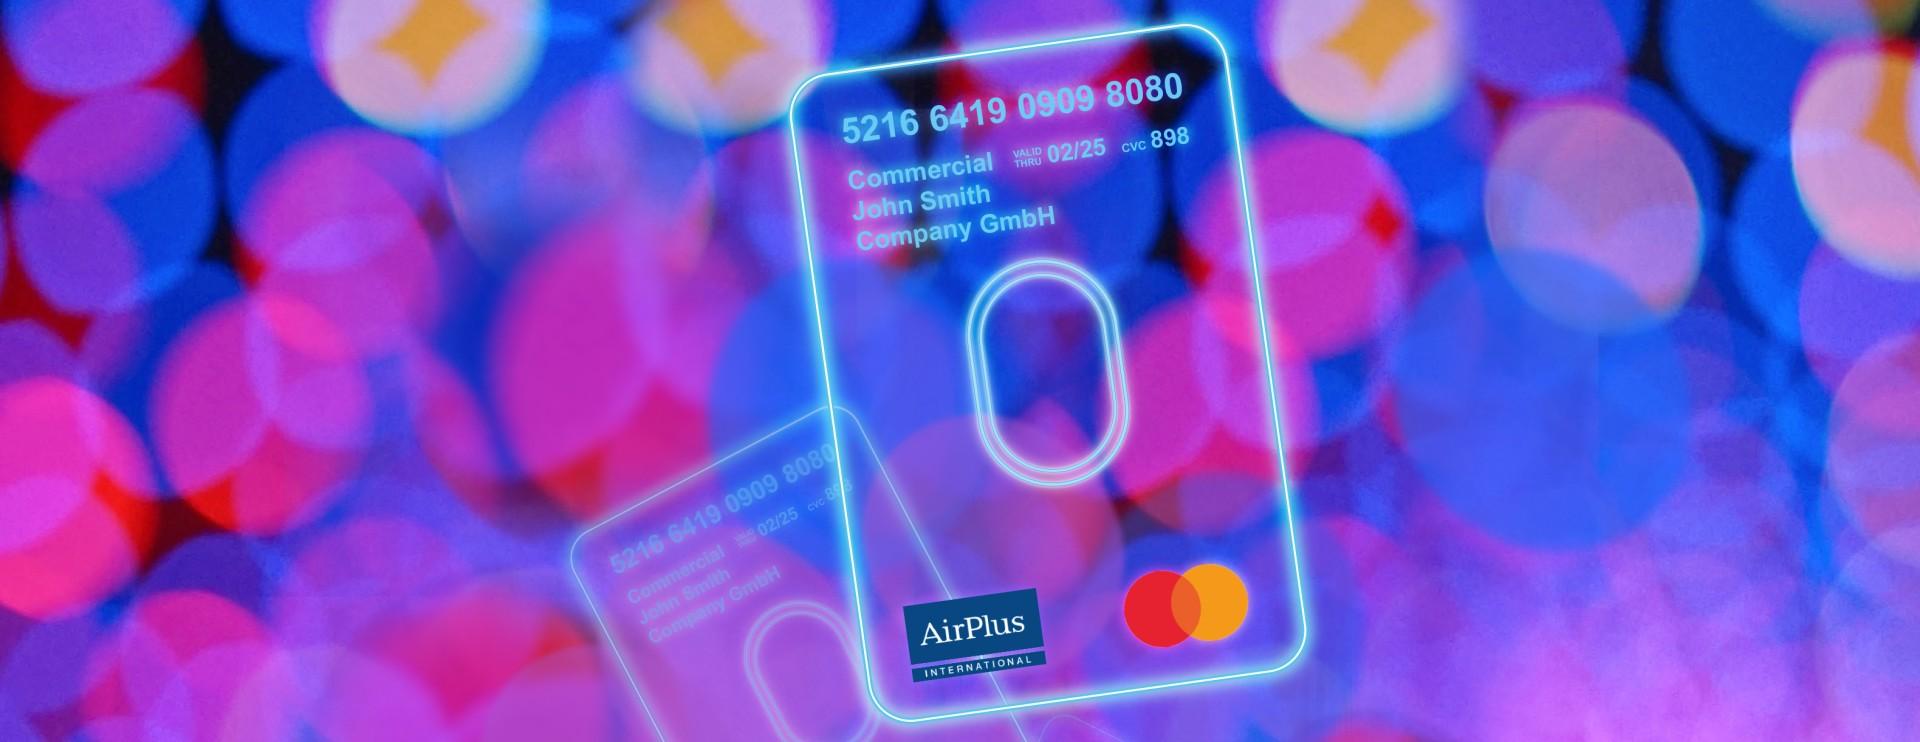 Les cartes virtuelles AirPlus sont une représentation abstraite devant un arrière-plan coloré pour démontrer la facilité de paiement dans tout endroit acceptant la carte MasterCard®.